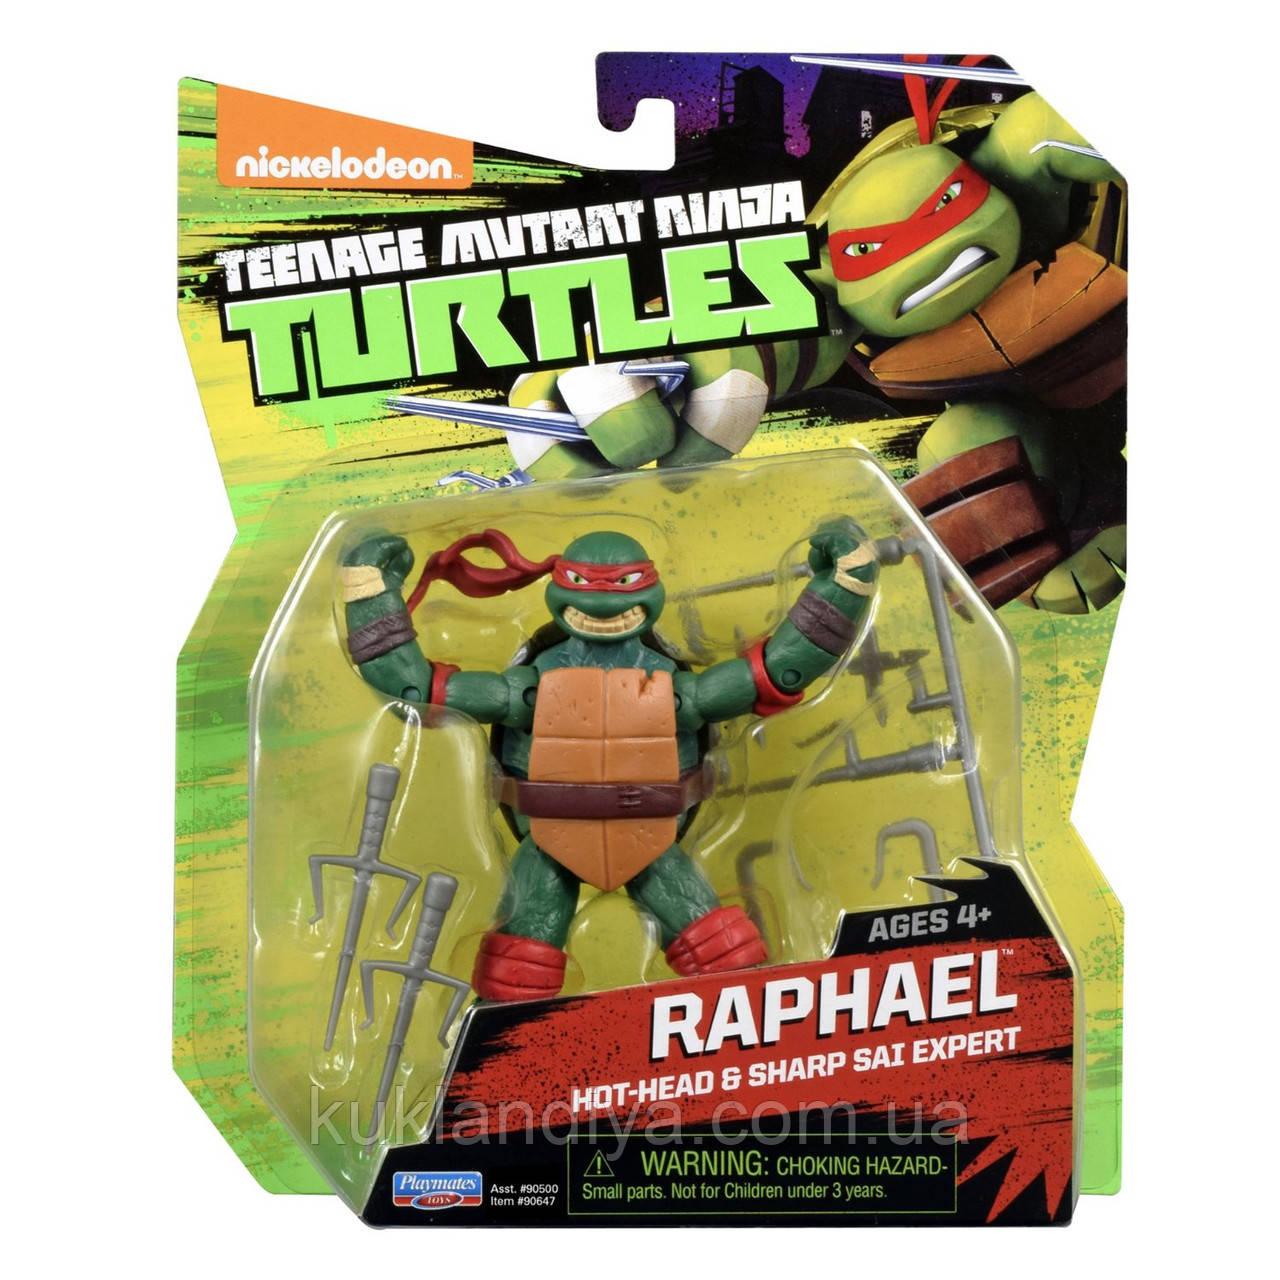 Teenage Mutant Ninja Turtles 2012 Neuralizer Toy : Игрушка Нинзя черепашка Рафаэль купить в Украине недорого